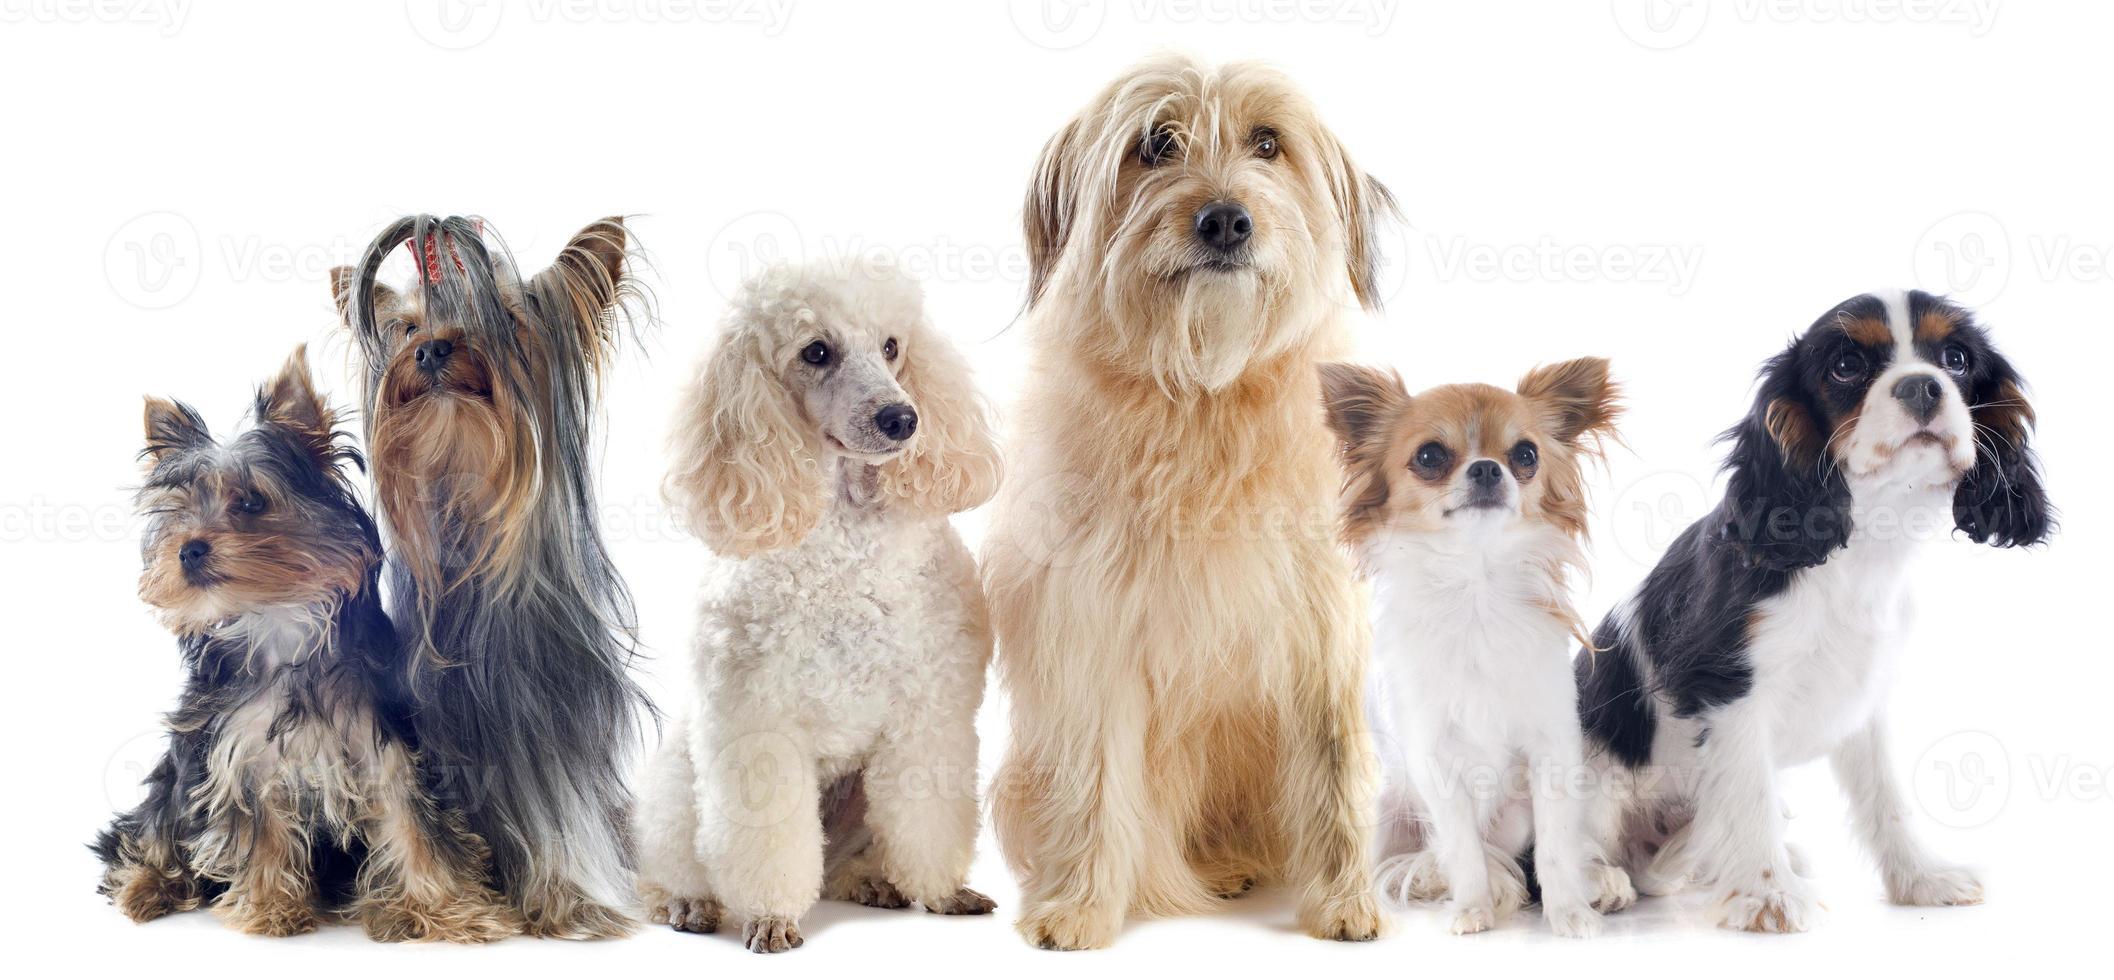 seis cachorrinhos foto